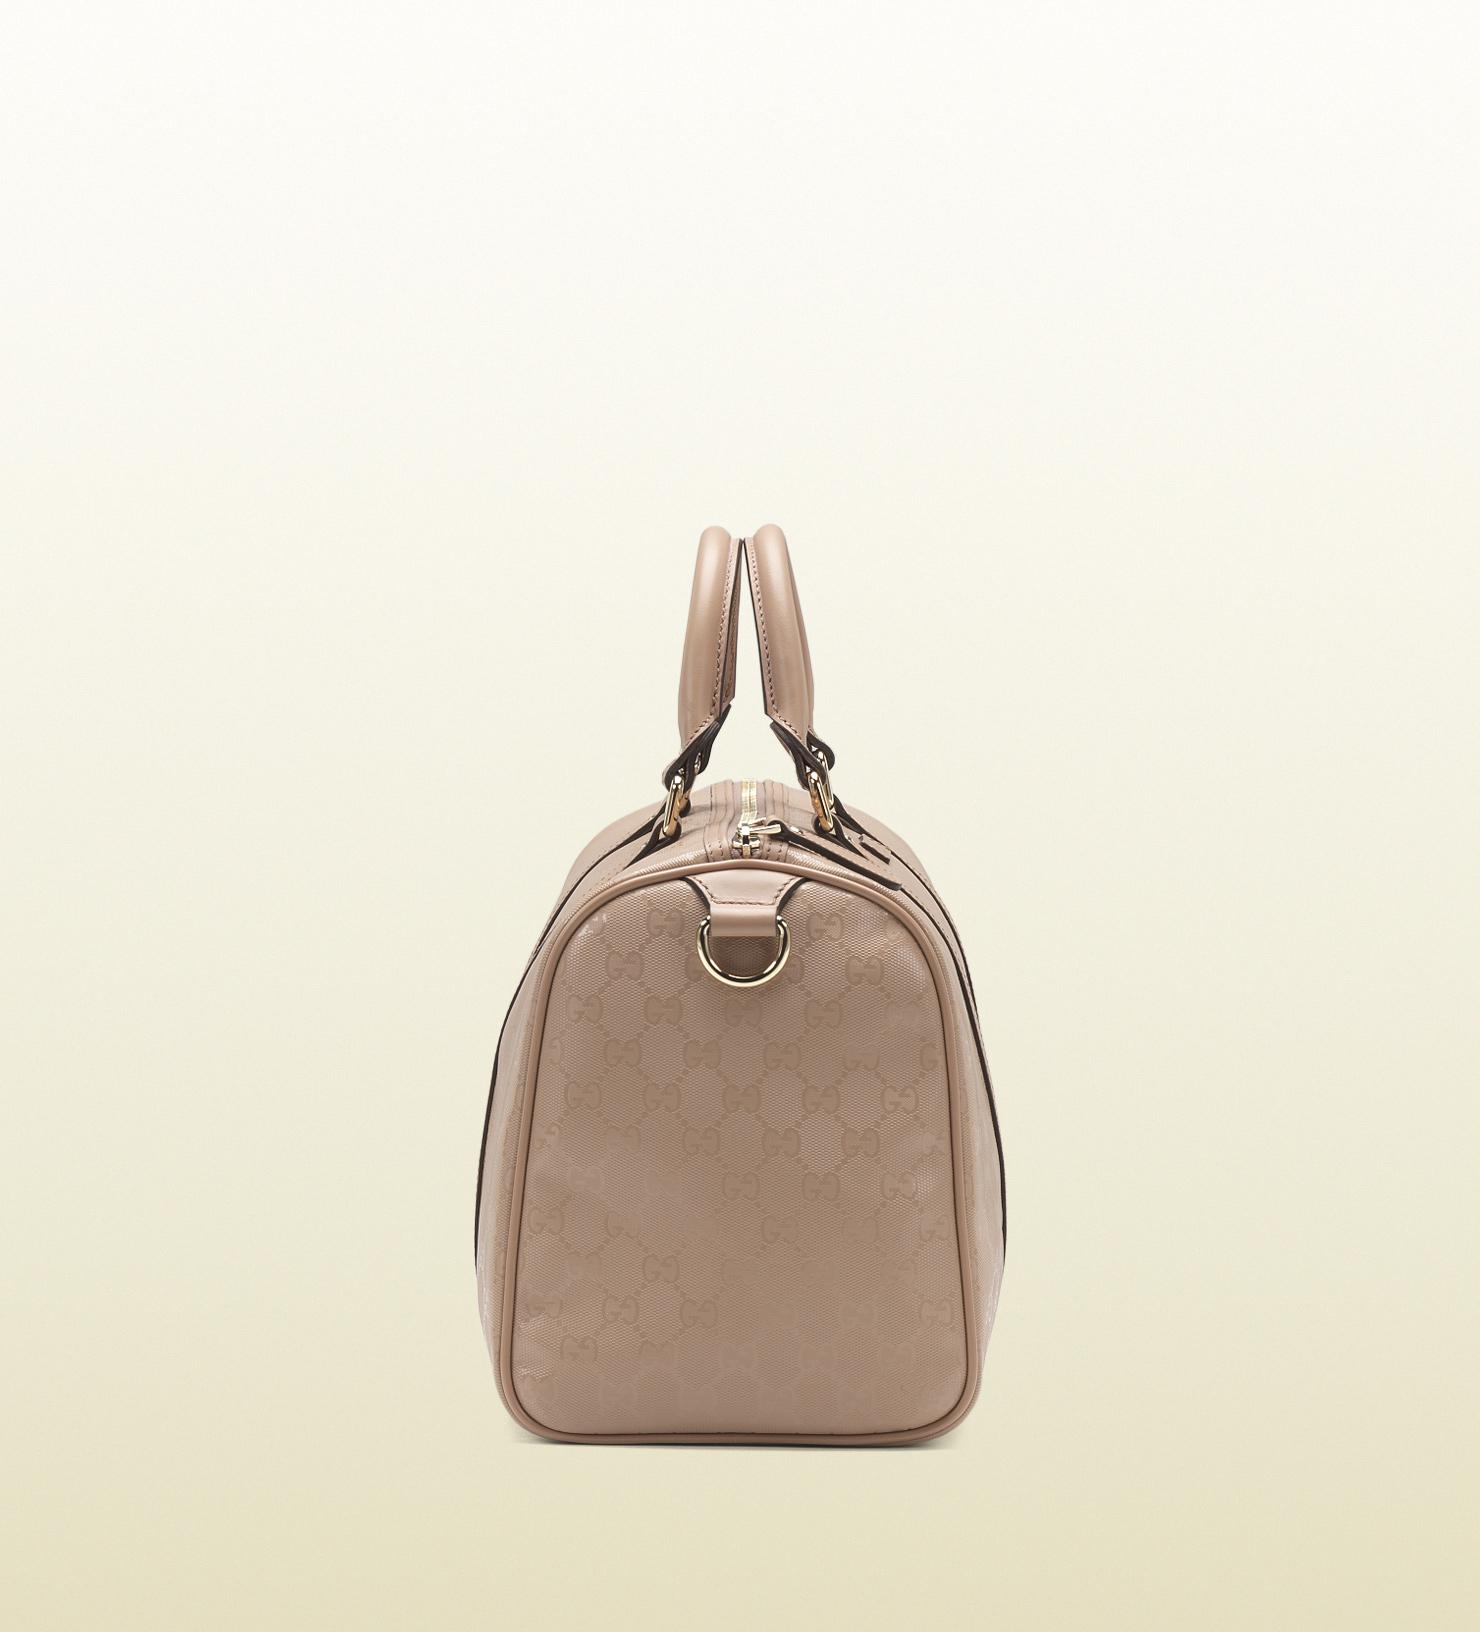 fe380b152a89 Gucci Joy Leather Boston Bag in Pink - Lyst